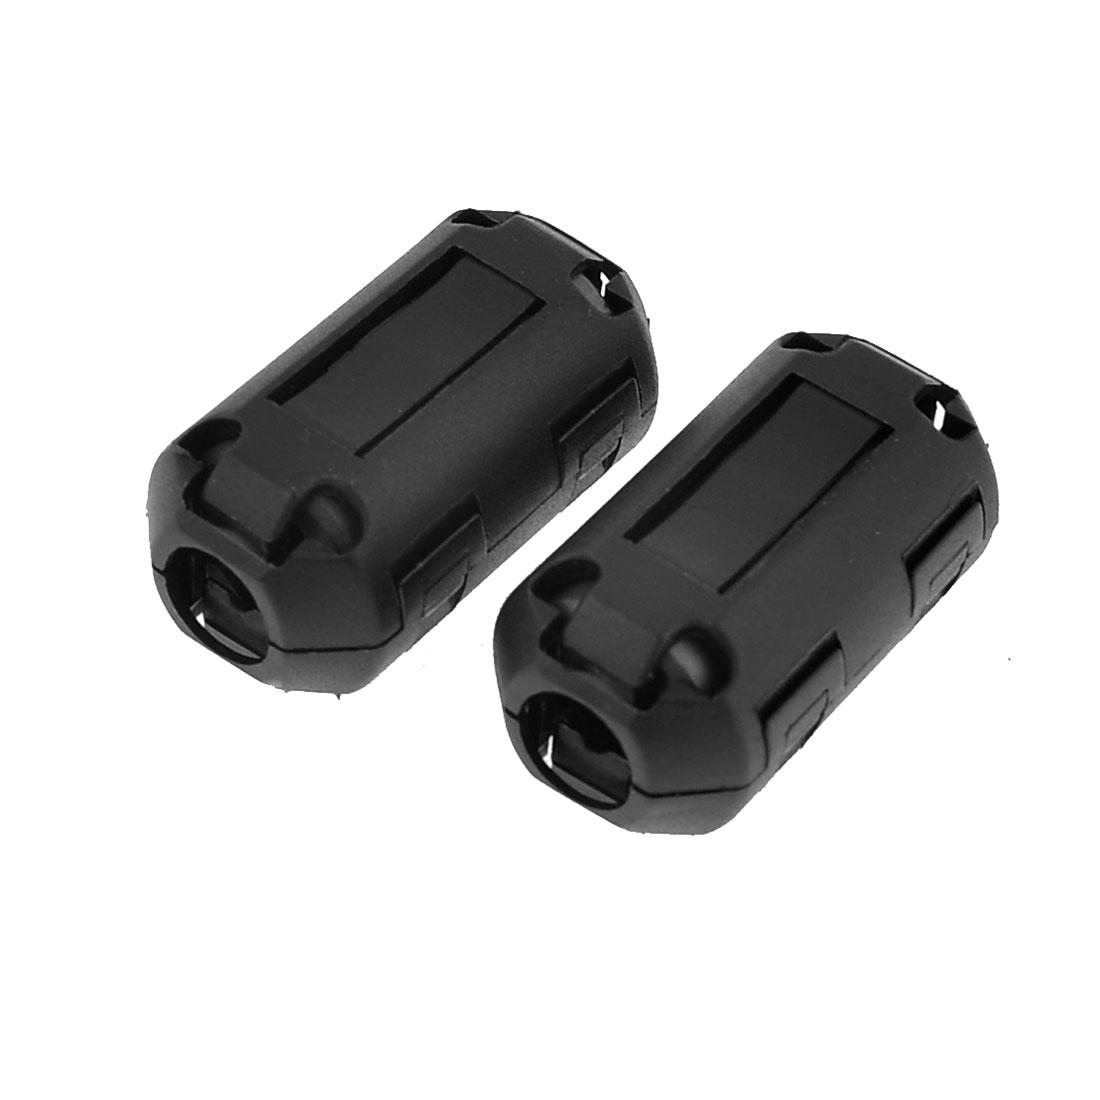 Black Plastic Casing Ferrite Core Clamp Filter UF70B 2Pcs